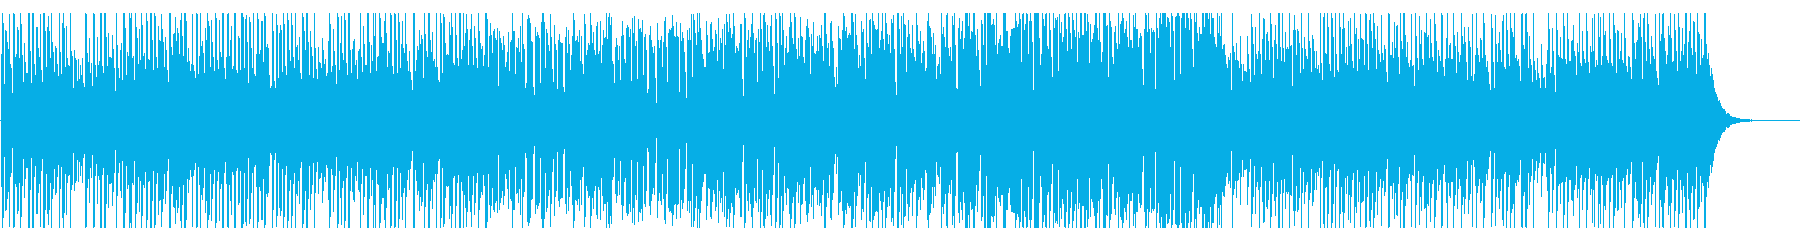 クール、シーケンス_前半省略の再生済みの波形